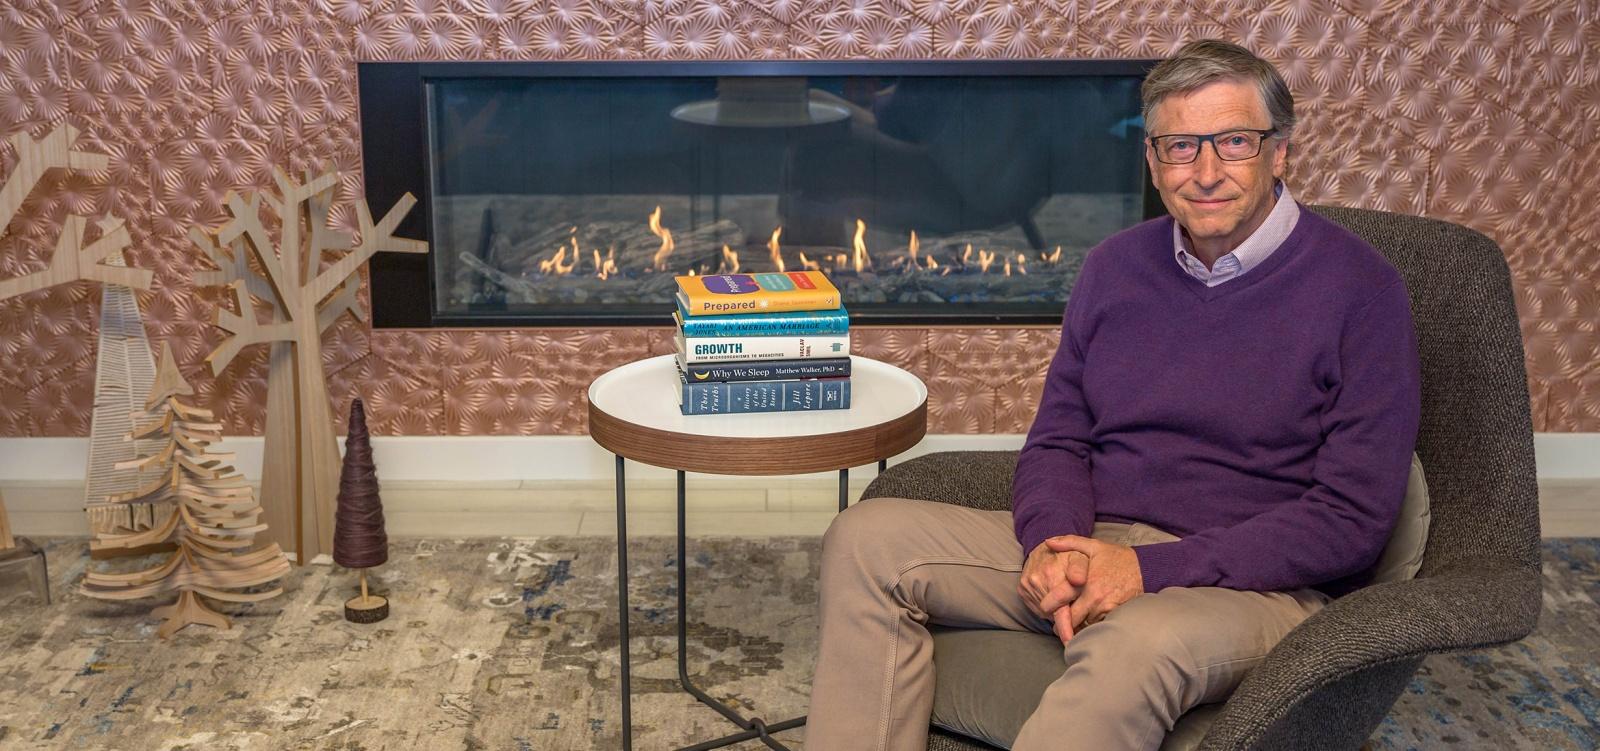 Традиционные 5 книг от Билла Гейтса - 1